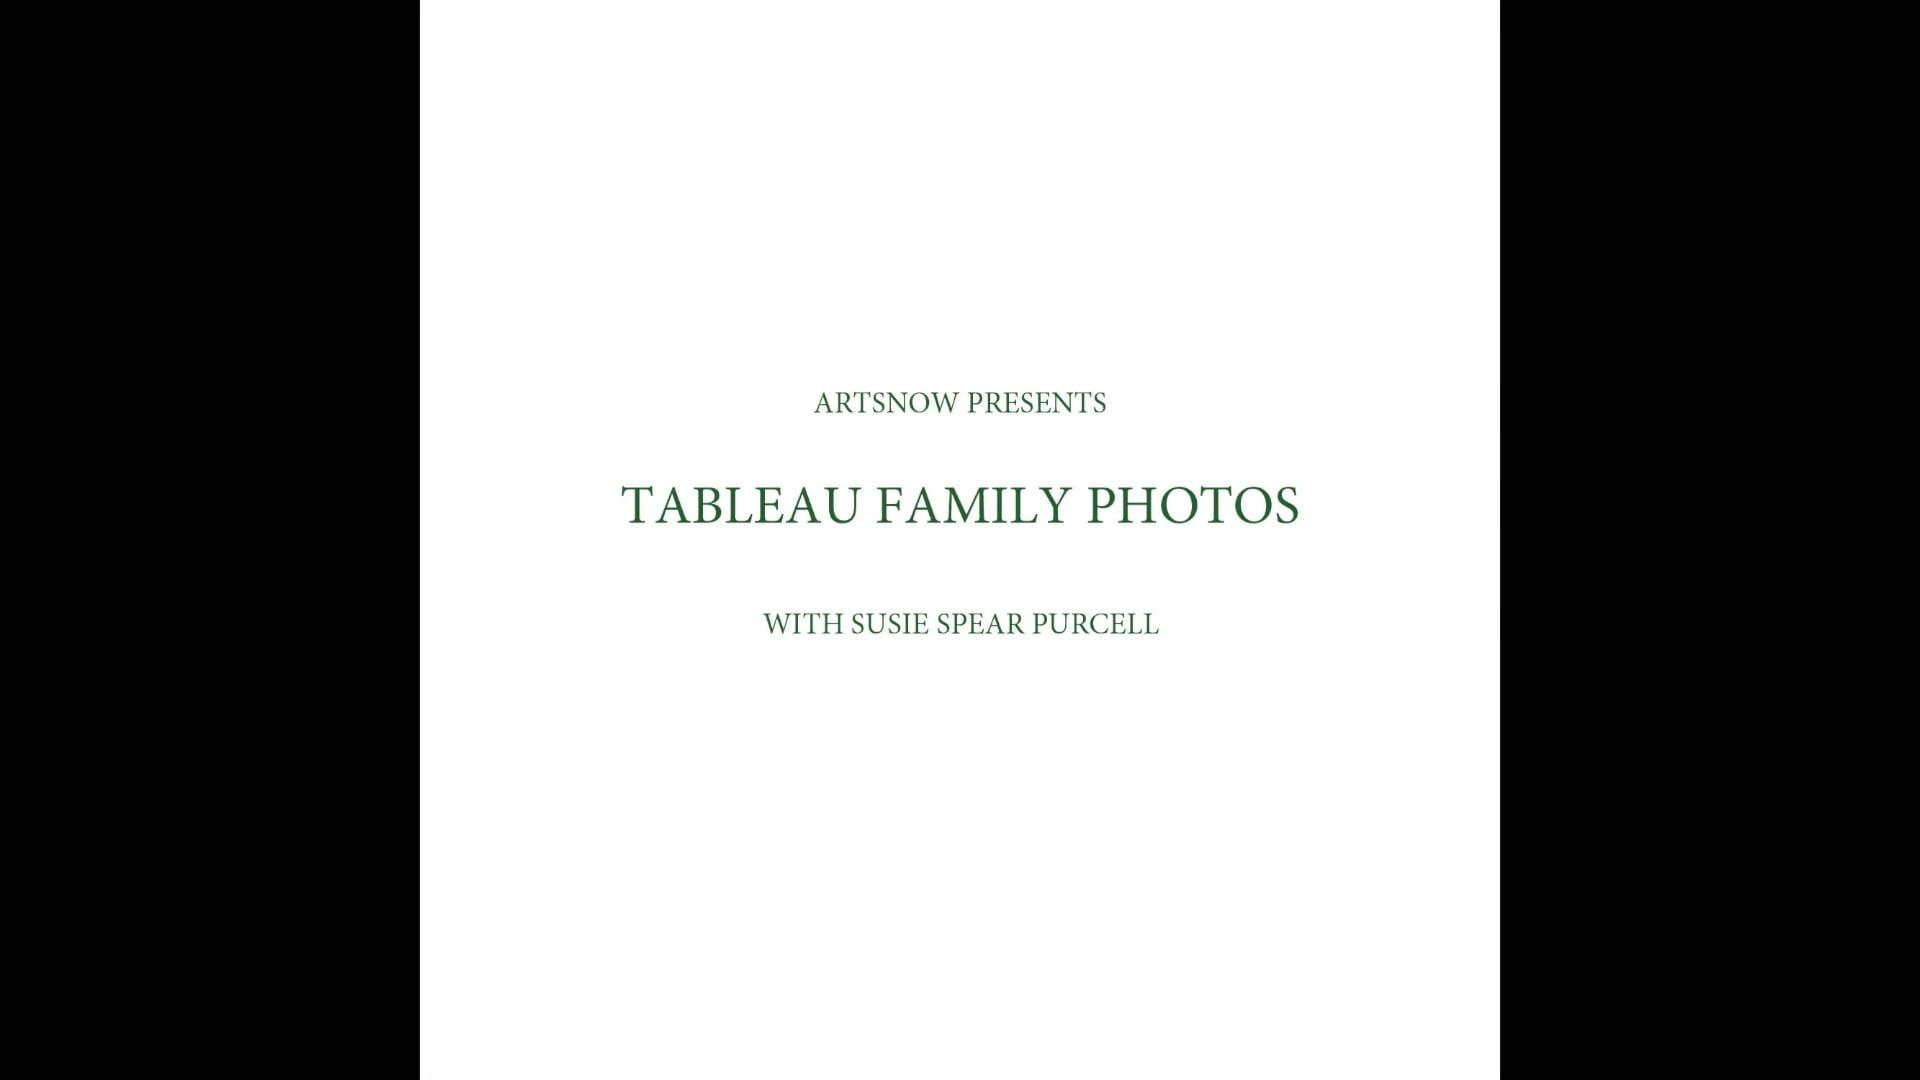 New Digital Ideas: Tableau Family Photos